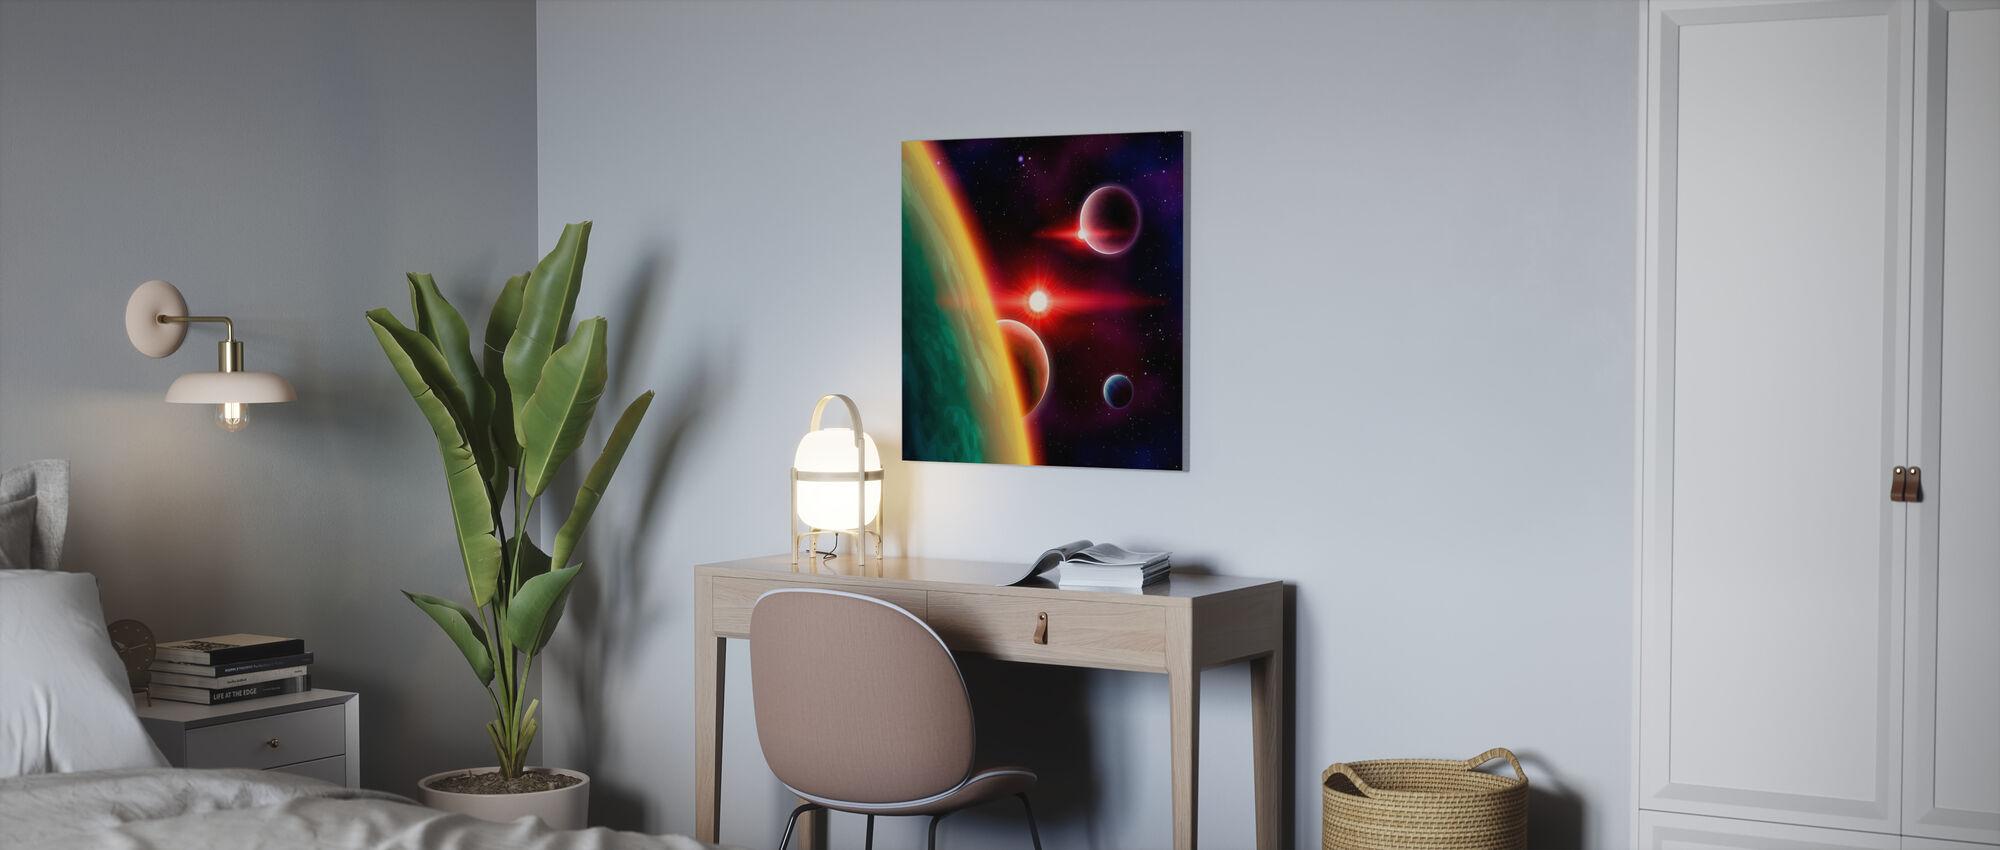 Galaksien väliset tilat - Canvastaulu - Toimisto